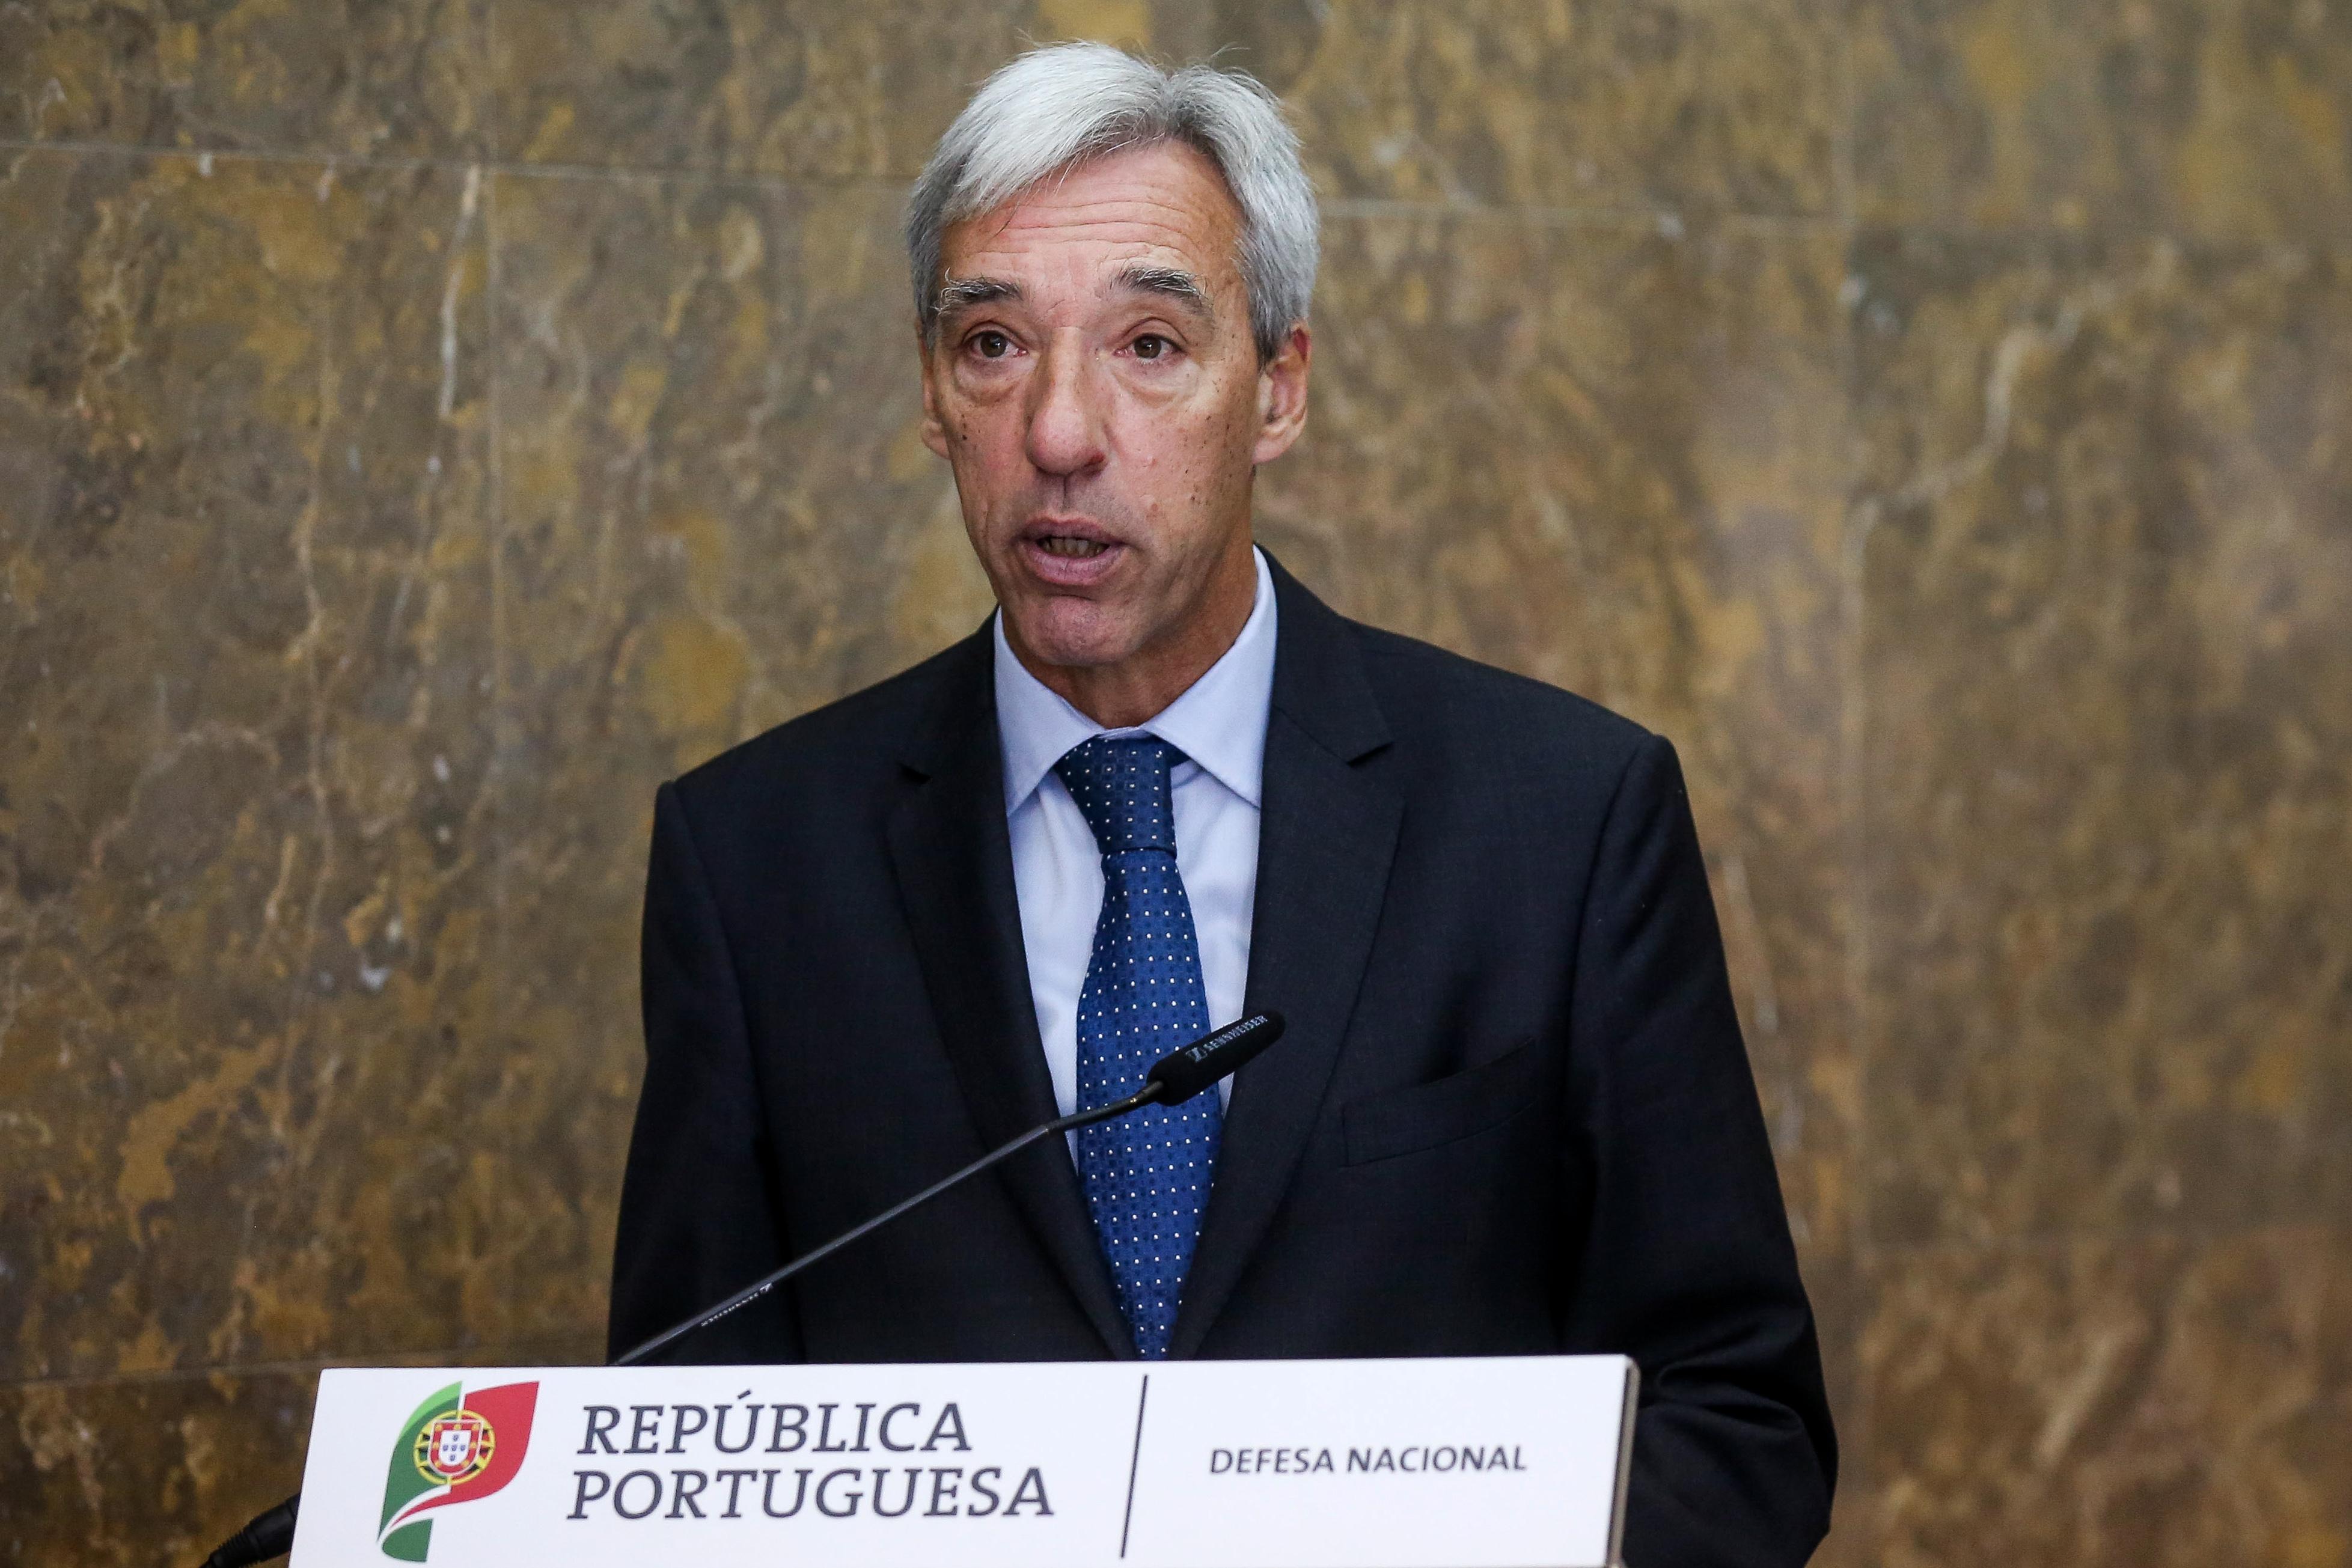 Ministro da Defesa de Portugal defende reforço de medidas para combater trafico de droga no Oceano Atlântico